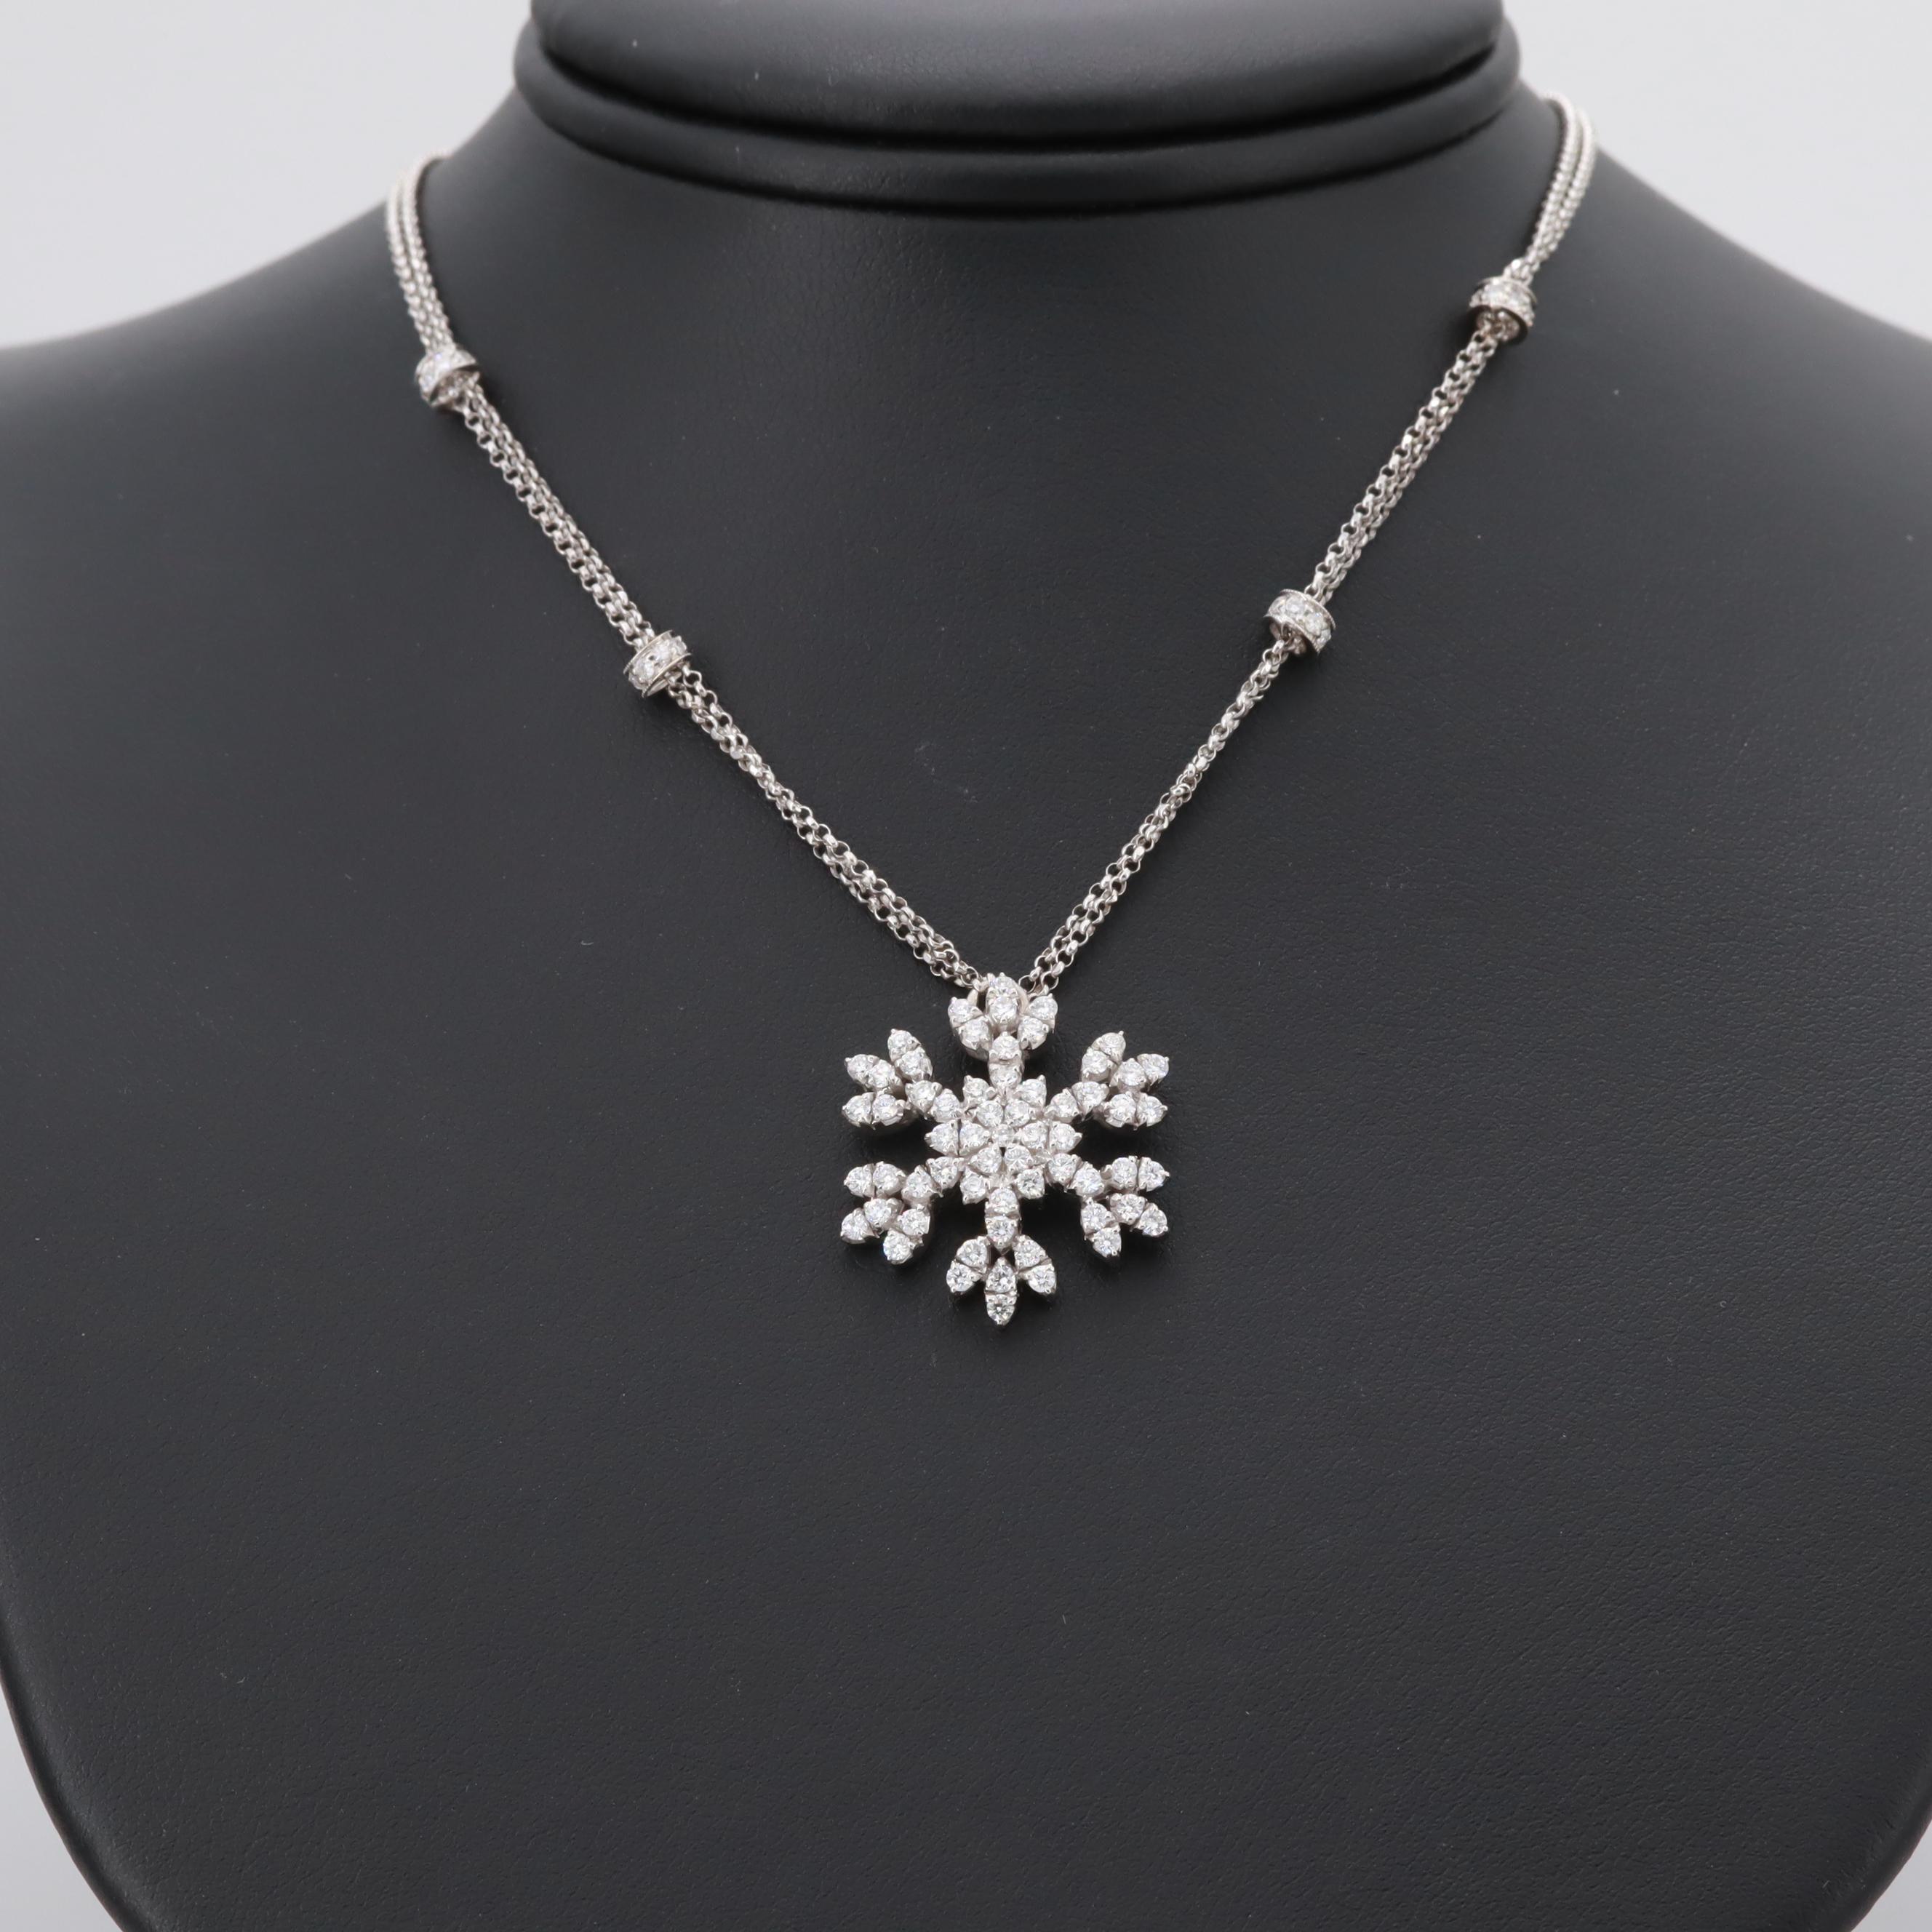 18K White Gold 1.38 CTW Diamond Snowflake Pendant Necklace